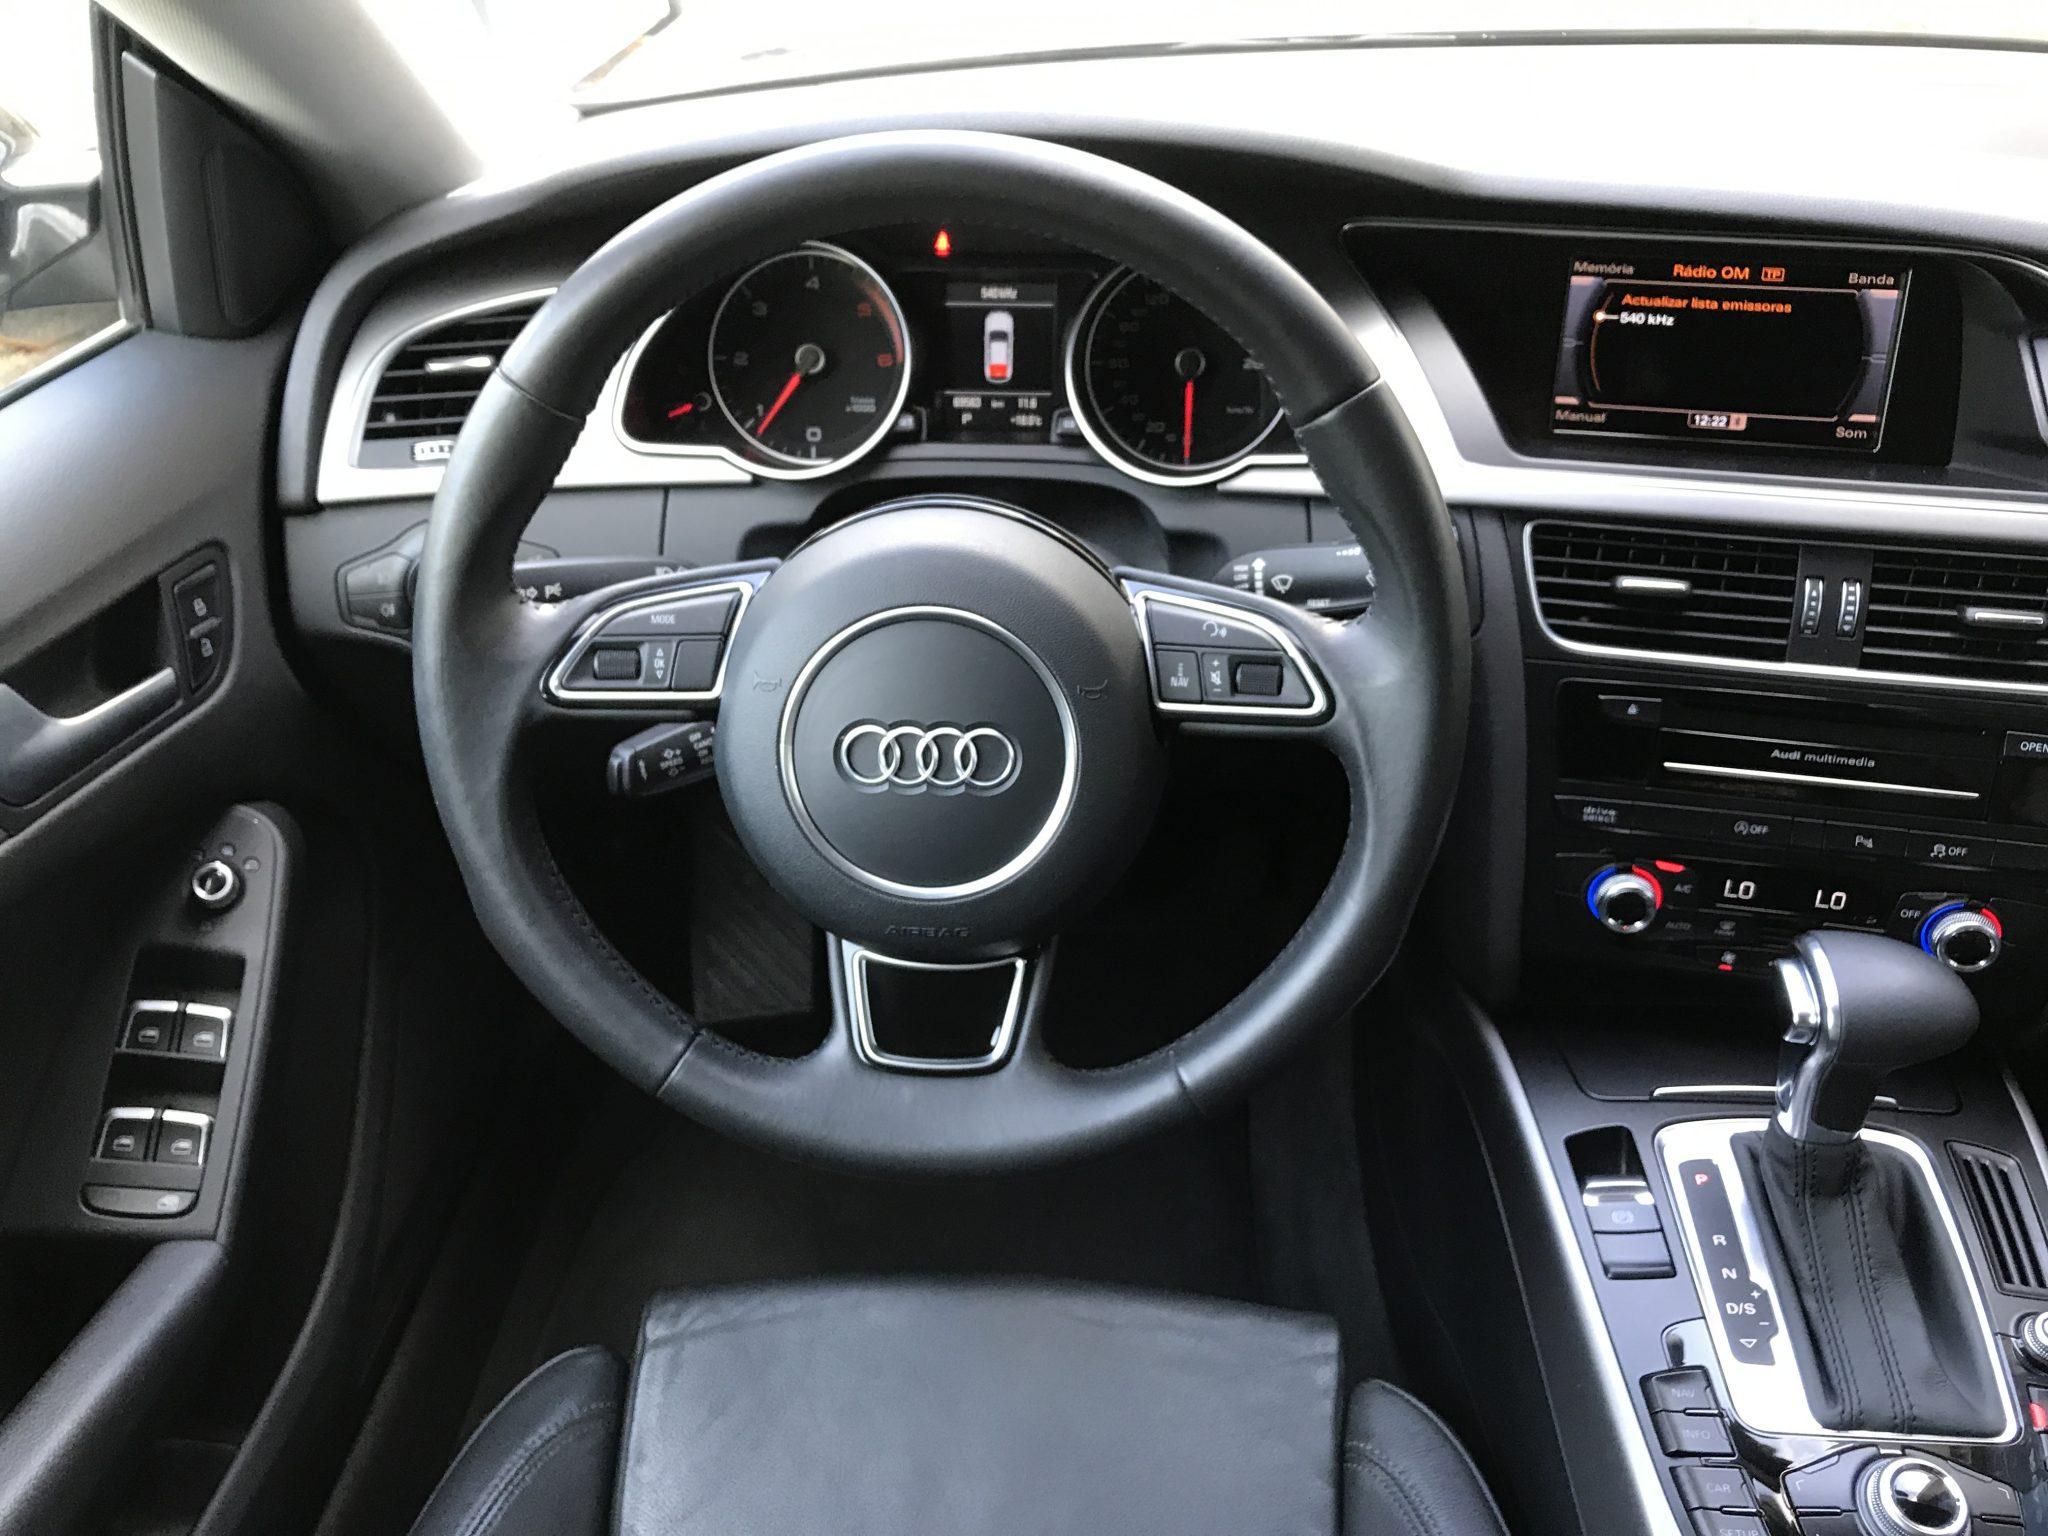 Audi A5 Sportback 2.0 TDi Multitronic S-Line - Cardouro